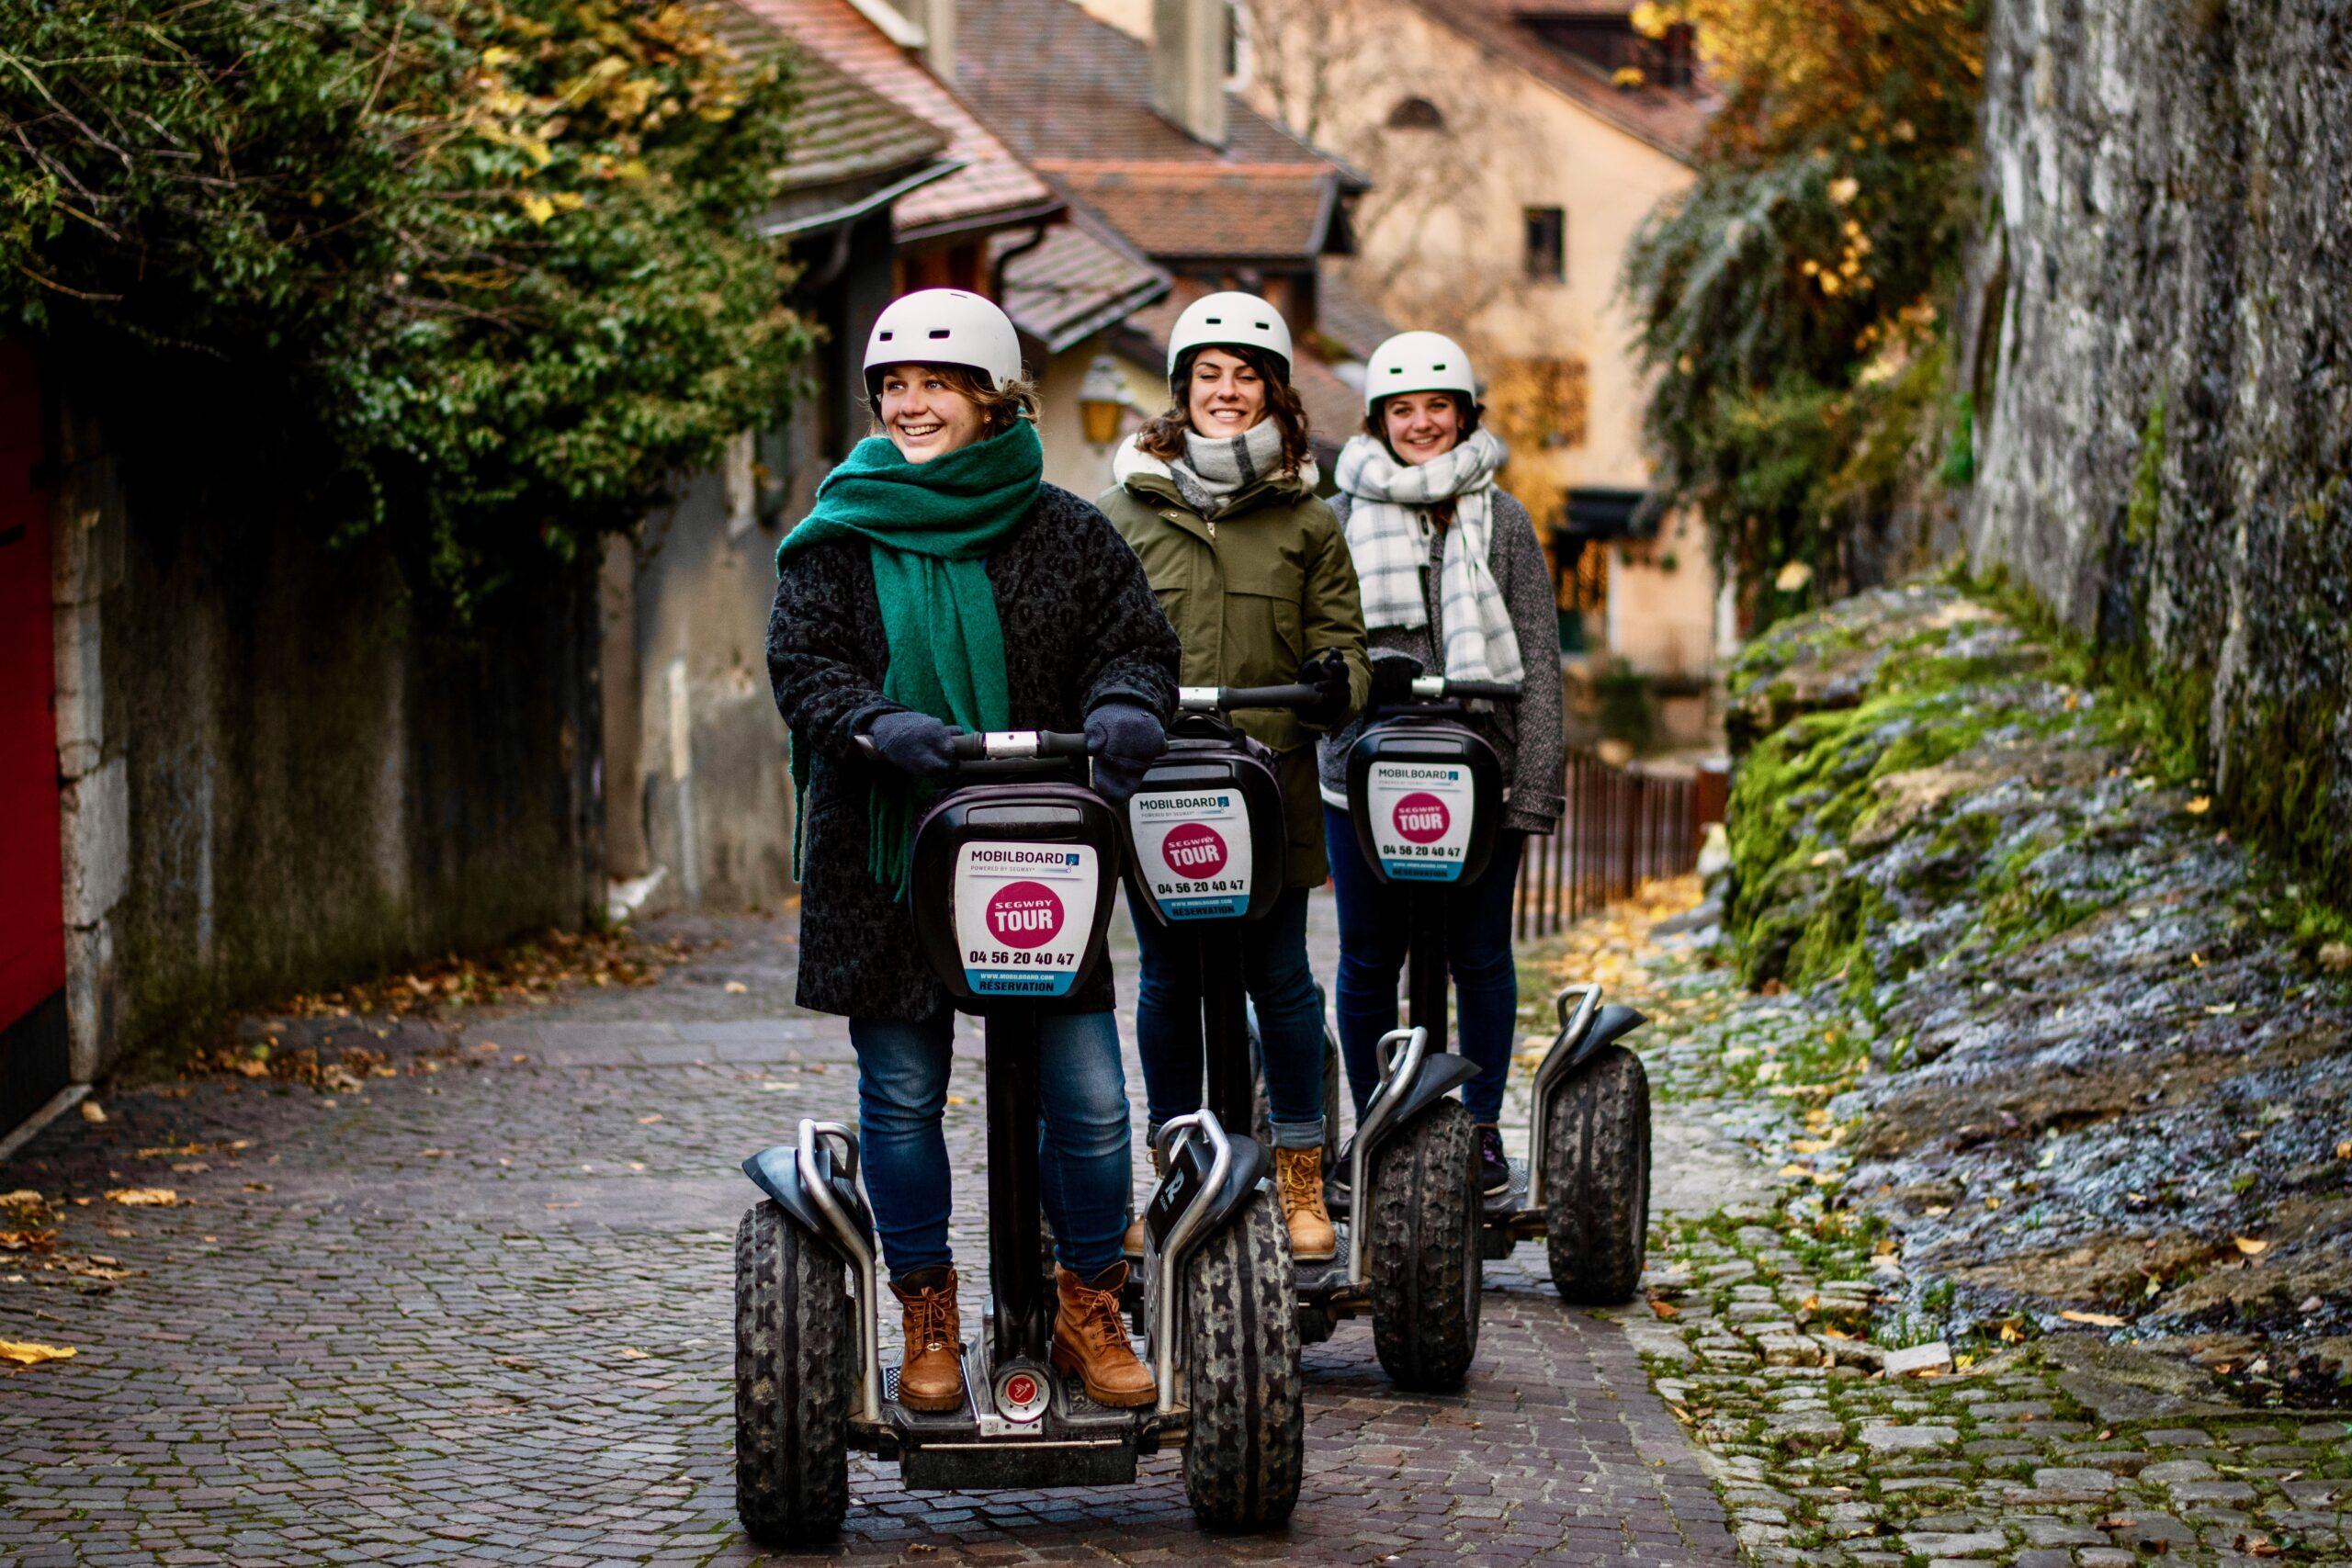 Copines en Segway en Haute-Savoie